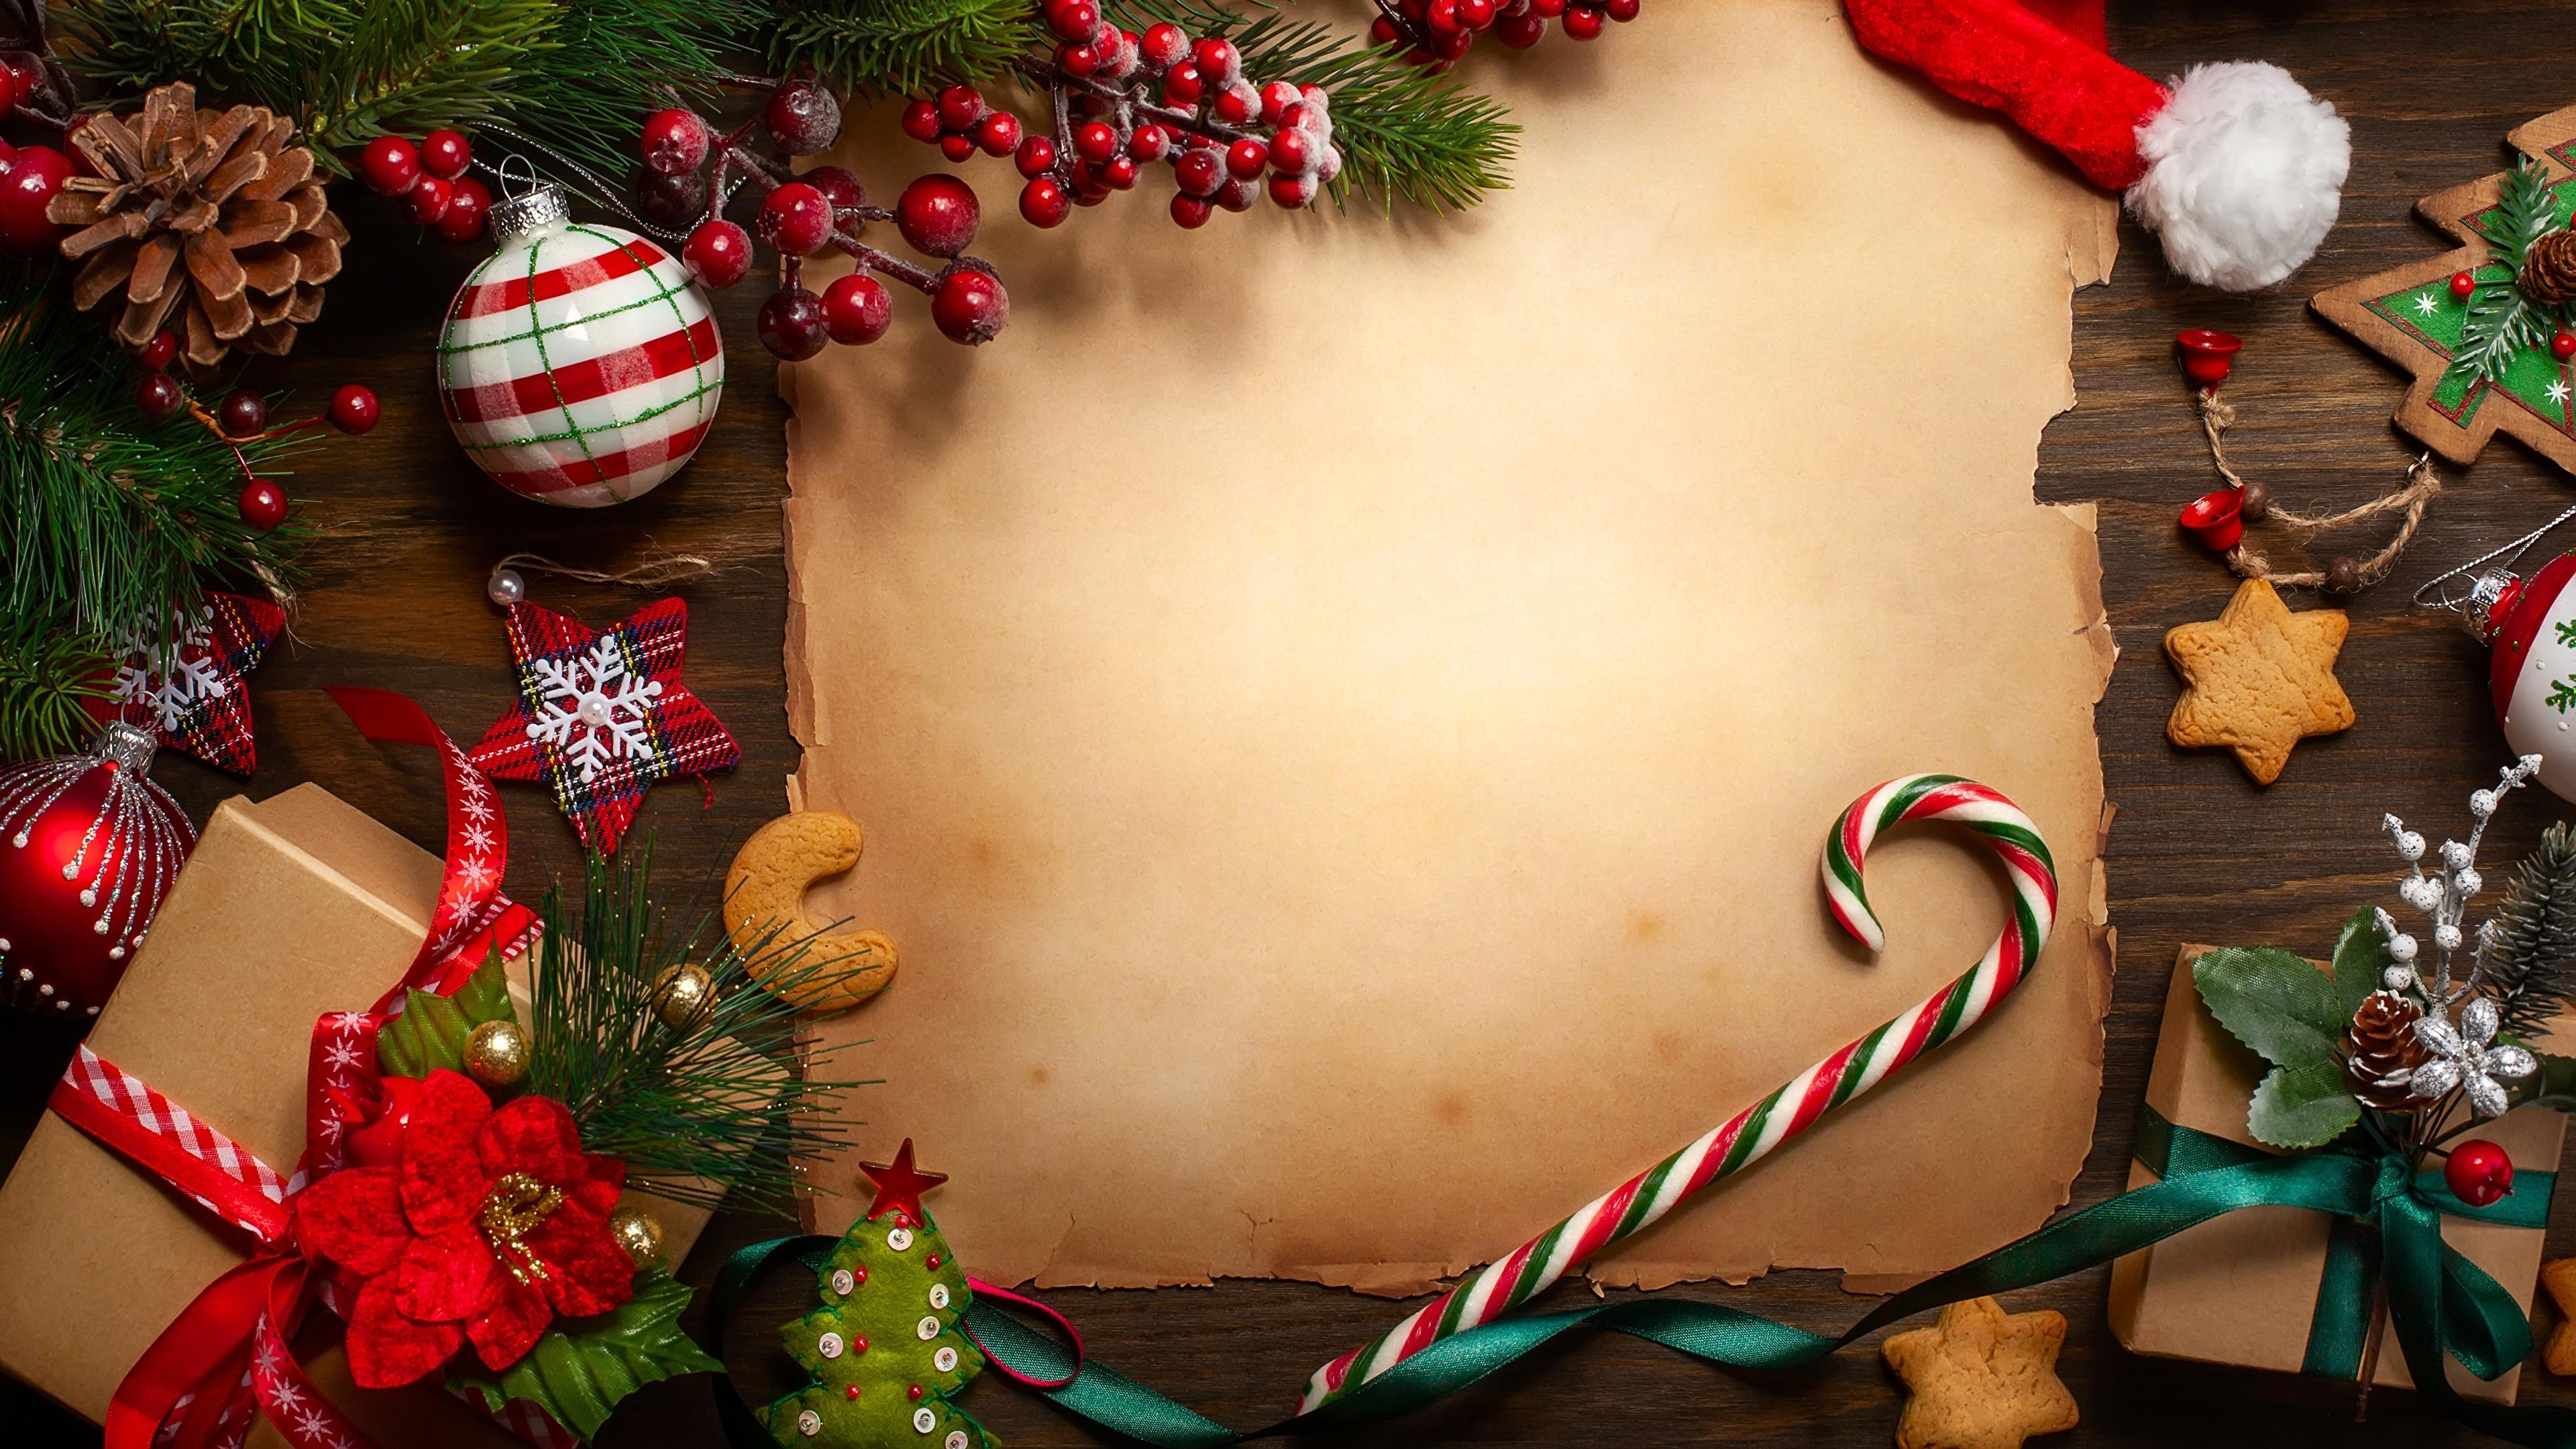 Фото Новый год Шаблон поздравительной открытки 3840x2160 Рождество